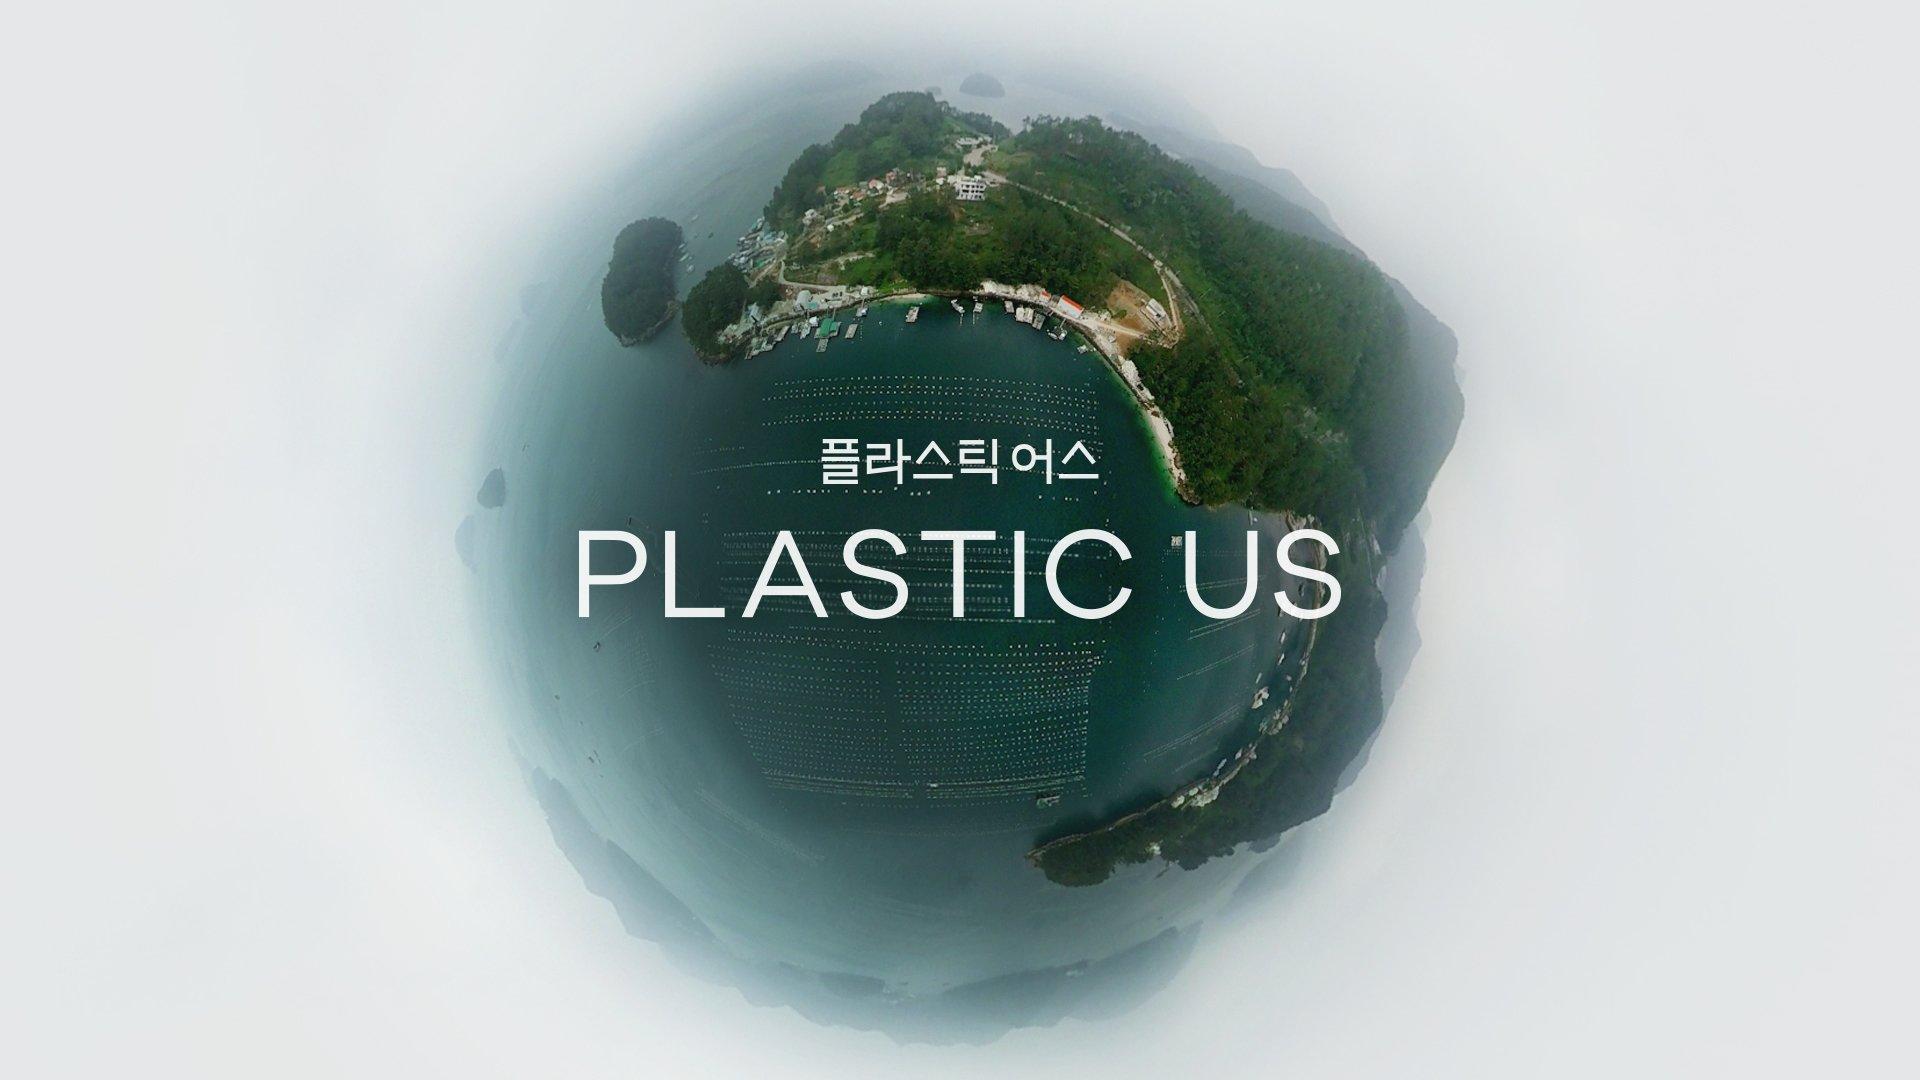 '친환경 대안' '또다른 쓰레기' 어디에 가까울까…생분해 플라스틱의 진실